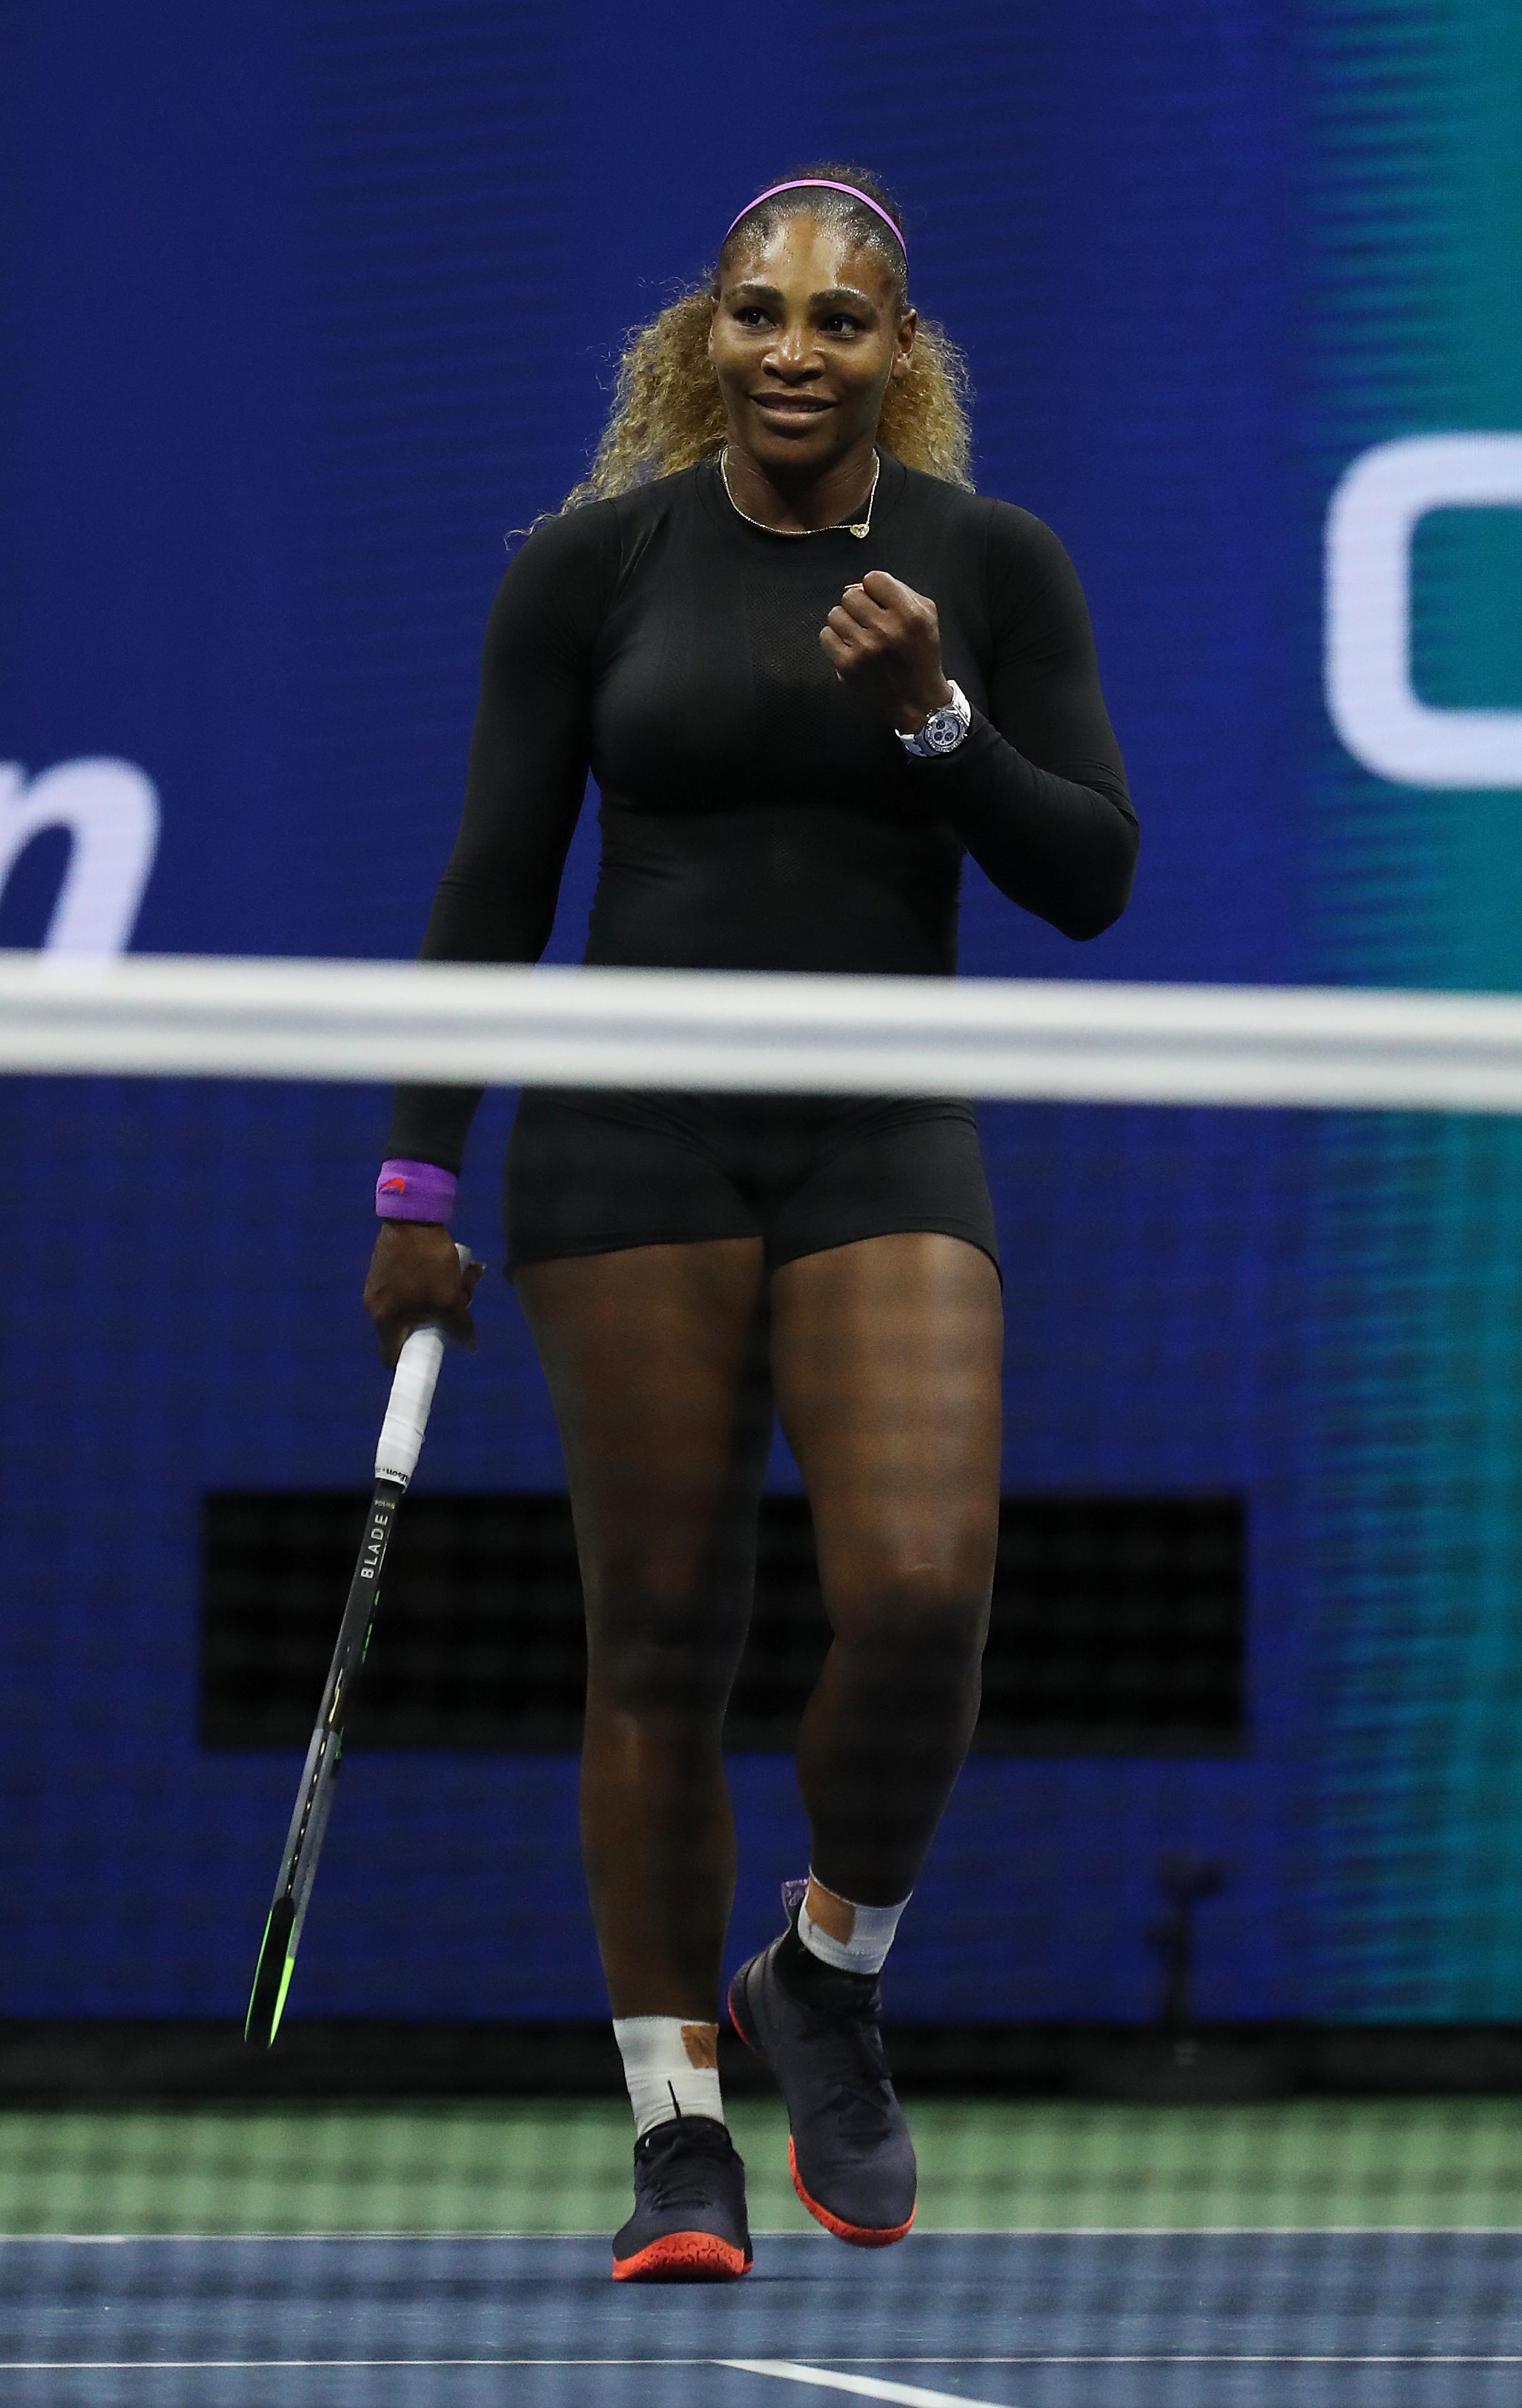 Per la decima volta in carriera, Serena Williams conquista la finale degli US Open. La statunitense ha battuto 6-3 6-1 l'ucrainaElina Svitol...